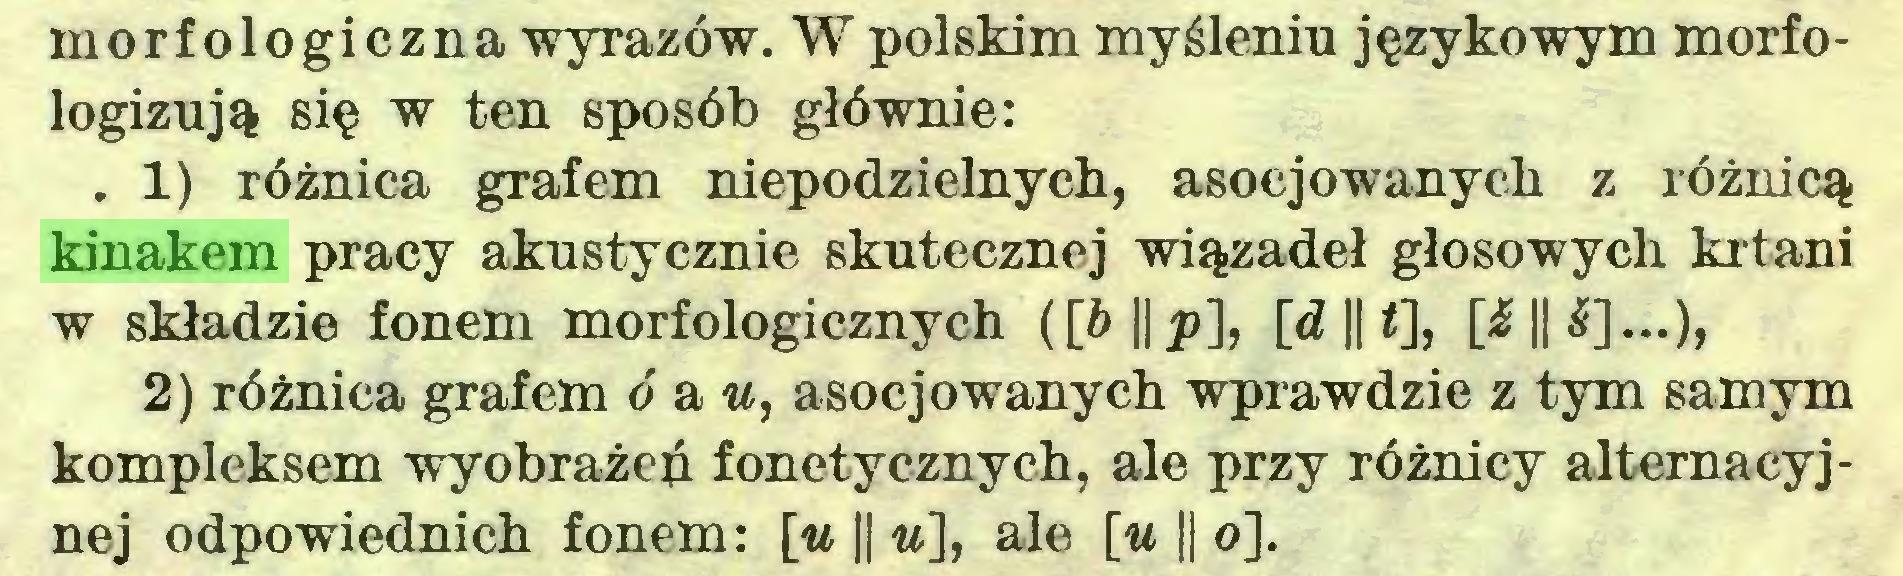 (...) morfologiczna wyrazów. W polskim myśleniu językowym morfologizują się w ten sposób głównie: . 1) różnica grafem niepodzielnych, asocjowanych z różnicą kinakem pracy akustycznie skutecznej wiązadeł głosowych krtani w składzie fonem morfologicznych ([¿>||p], [d || <], [£|| 2) różnica grafem o a u, asocjowanych wprawdzie z tym samym kompleksem wyobrażeń fonetycznych, ale przy różnicy altemacyjnej odpowiednich fonem: [u || «], ale [u || o]...